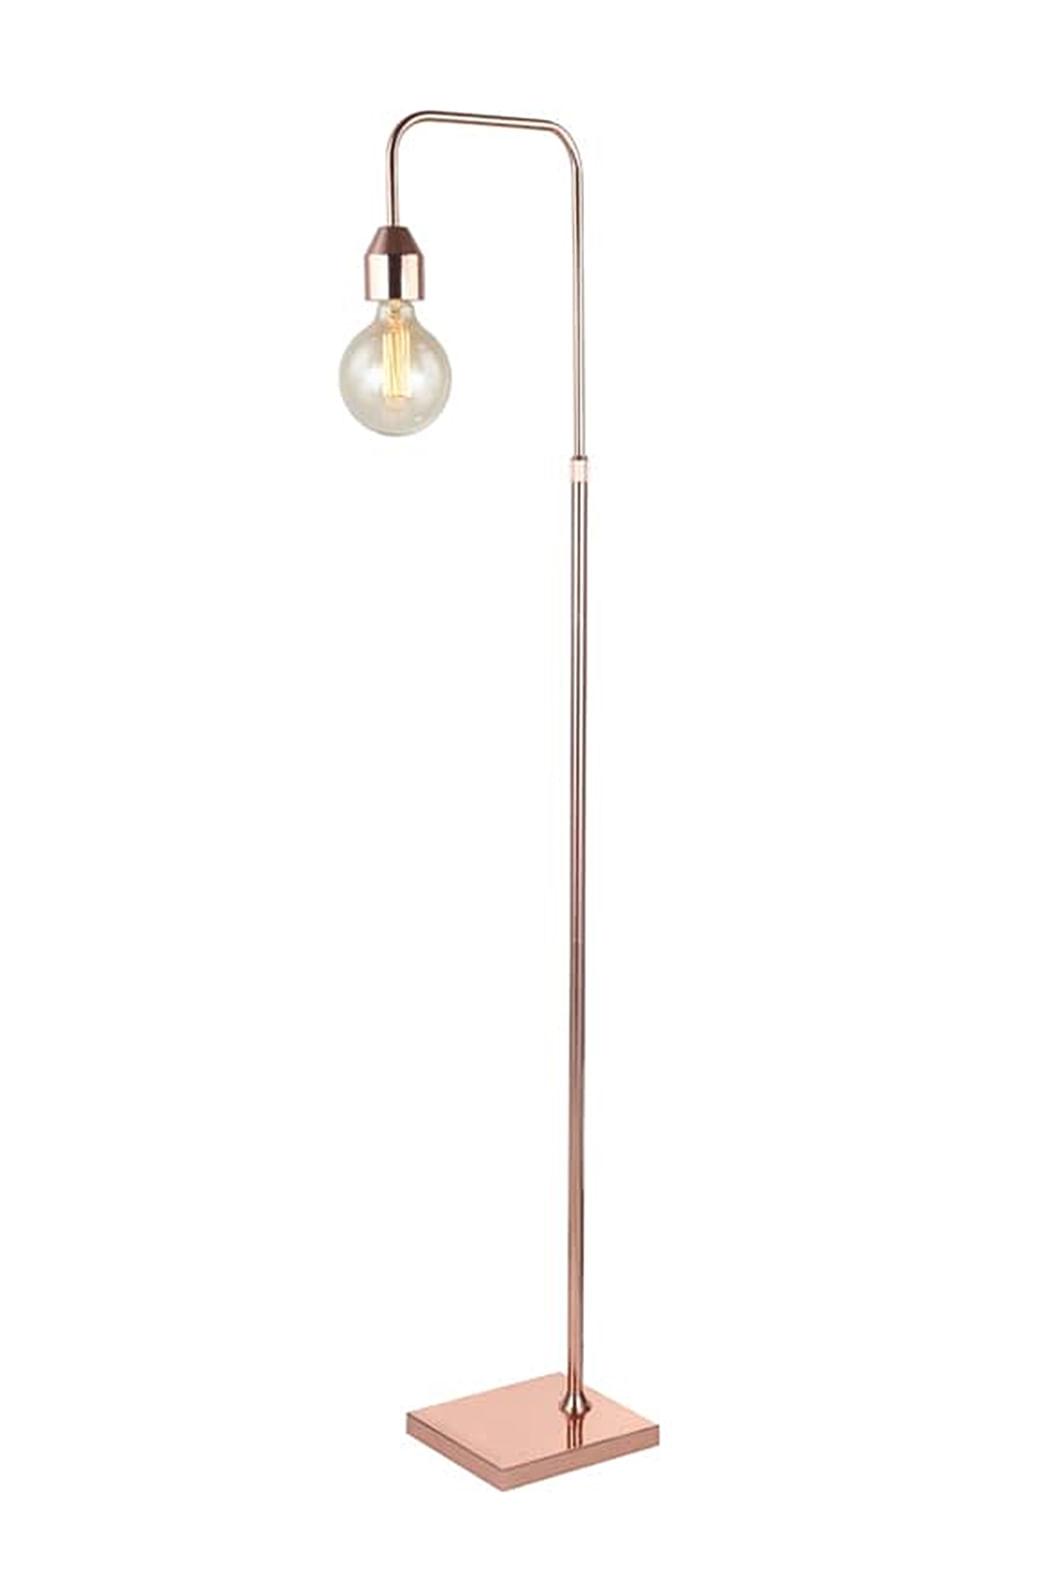 Luminaria de Chao Pluie cor Cobre 1,65 MT (ALT) - 45042